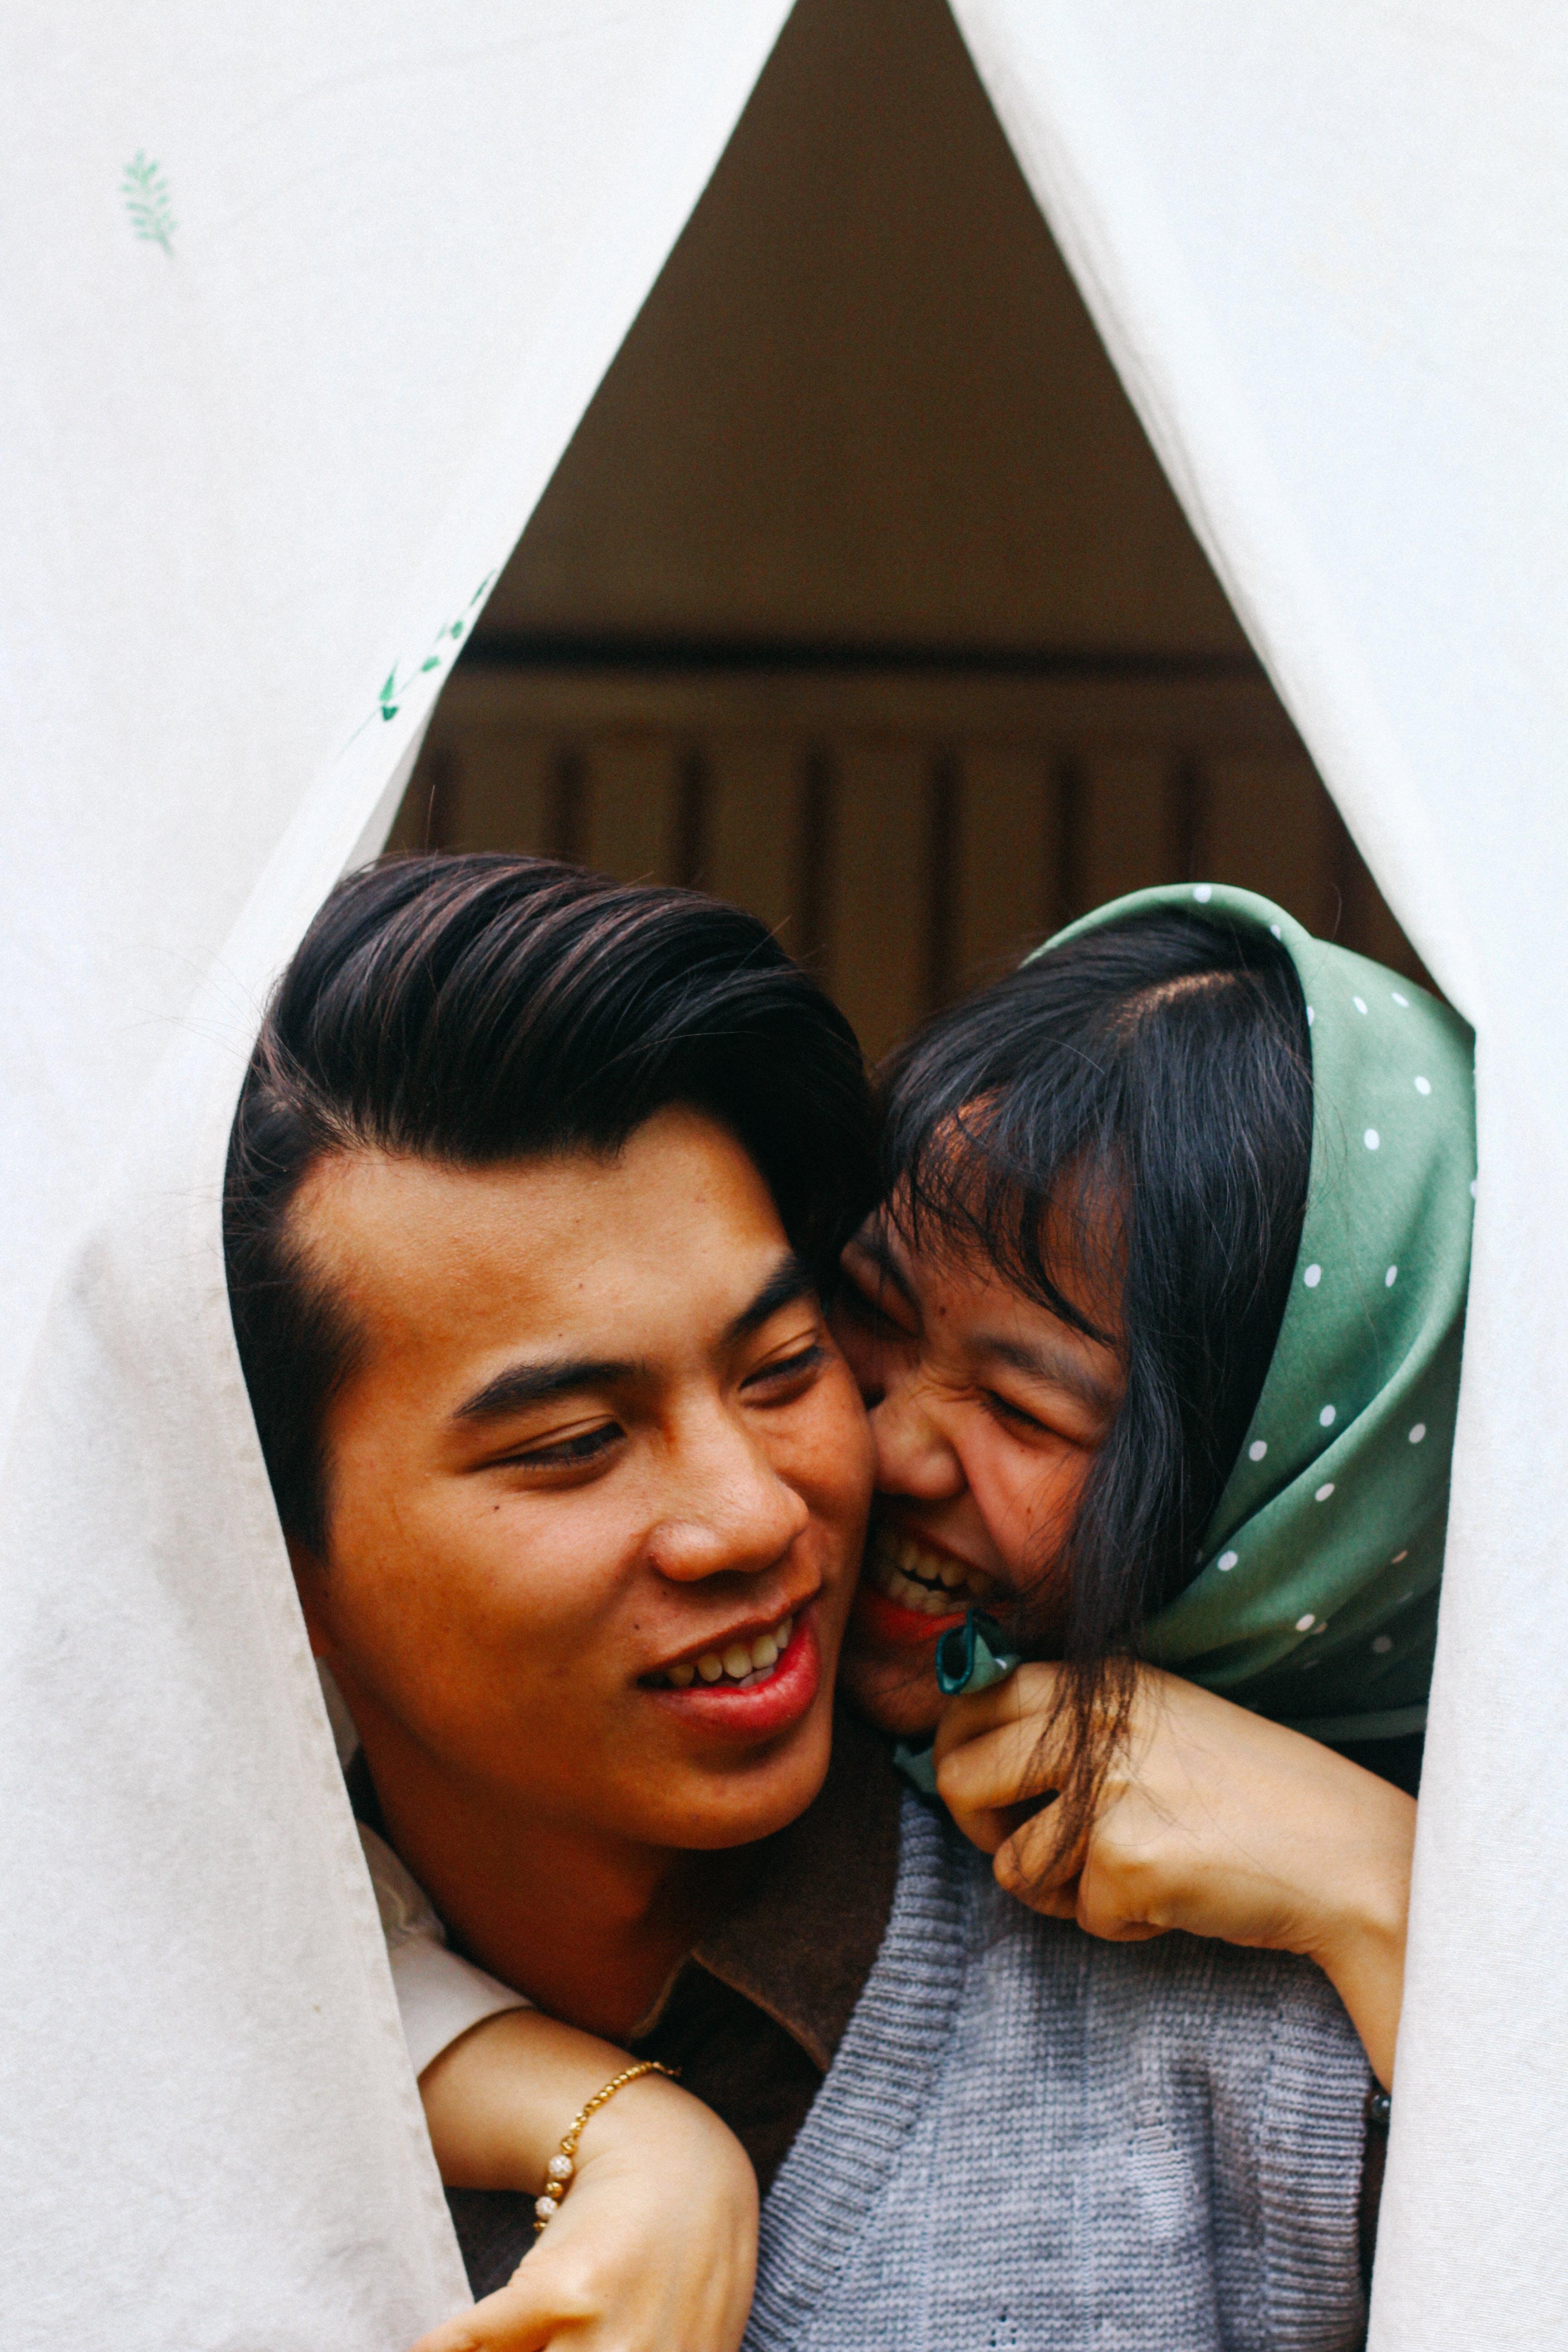 Woman Hugging Man in Gray Sweater